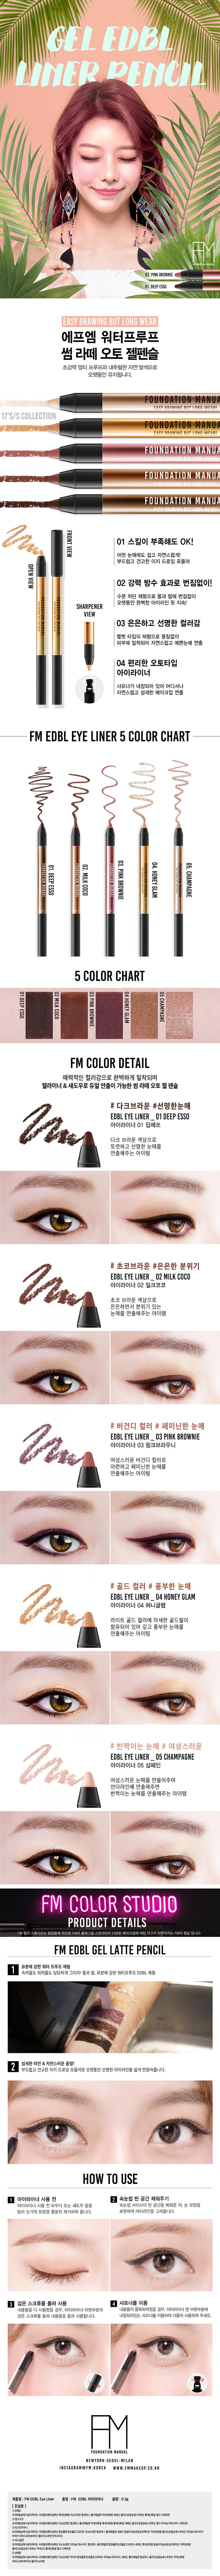 FM_eyeliner_780.jpg